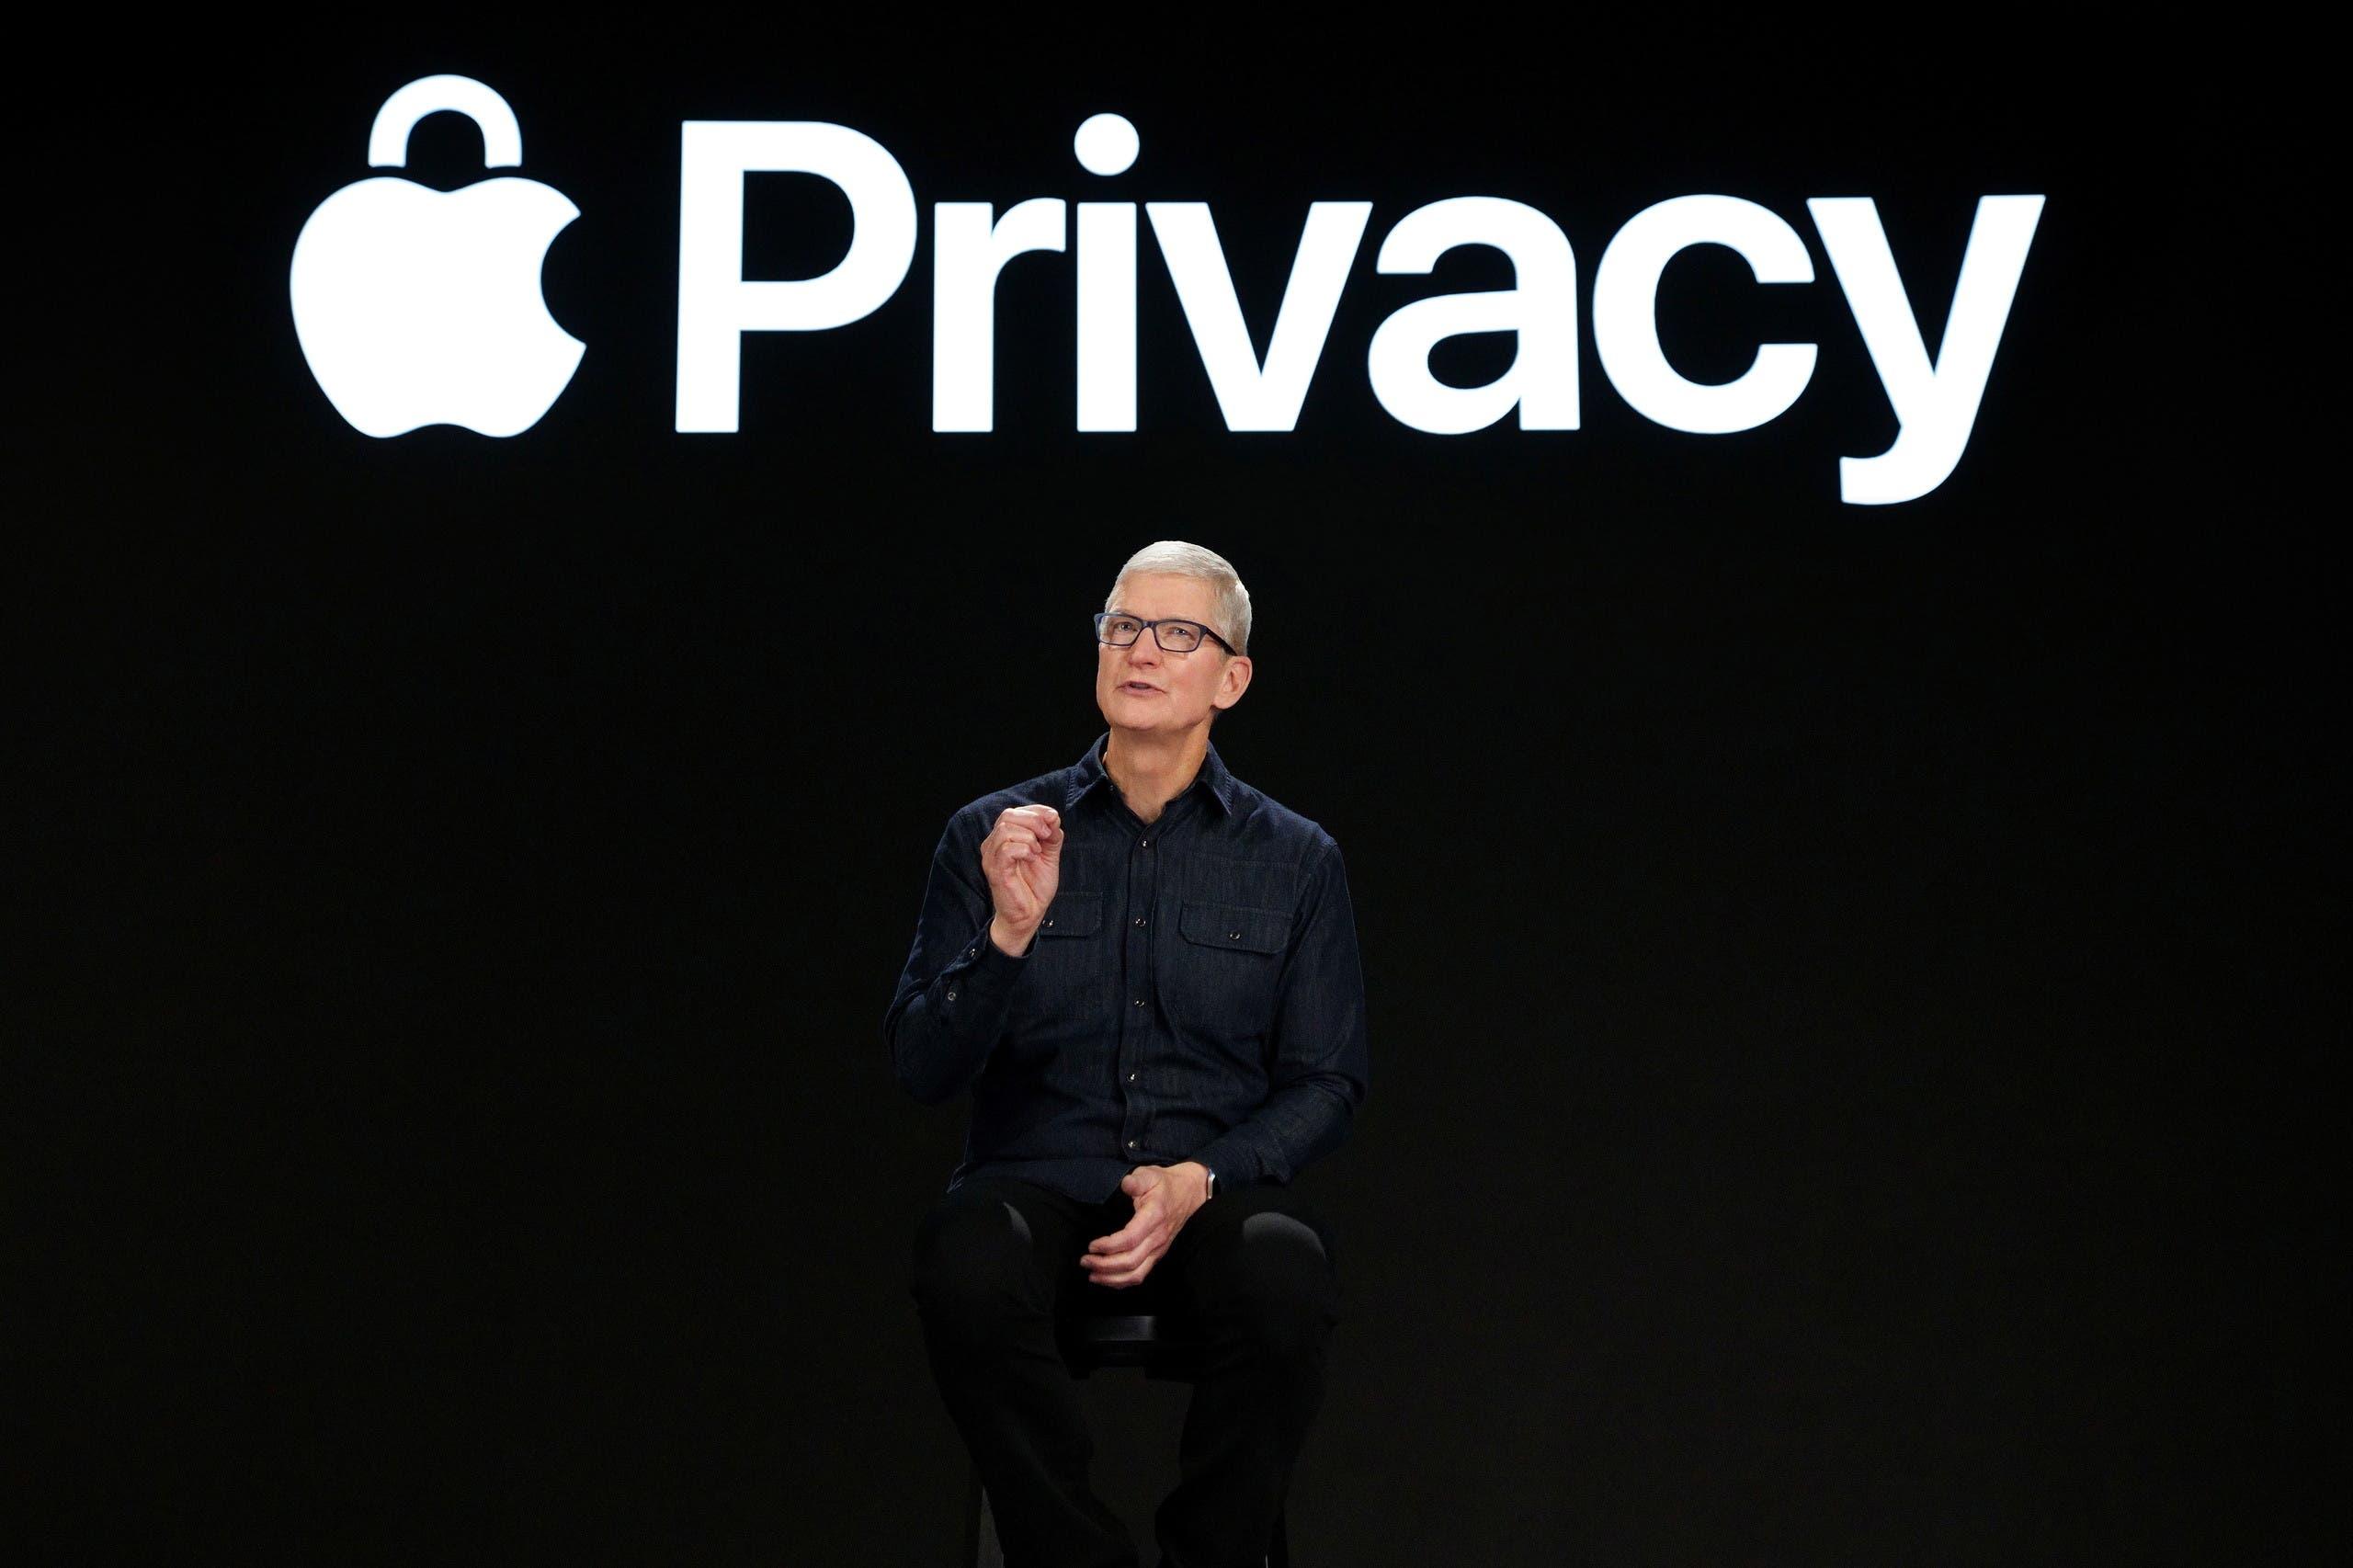 تيم كوك يتحدث خلال المؤتمر أمس عن إجراءات الخصوصية الجديدة